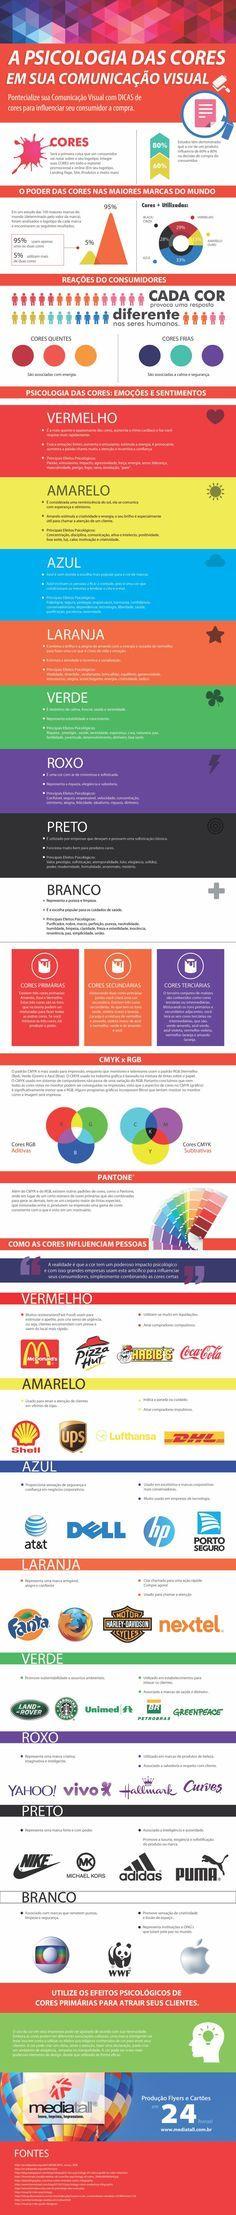 Dicas para impactar o público a partir das cores